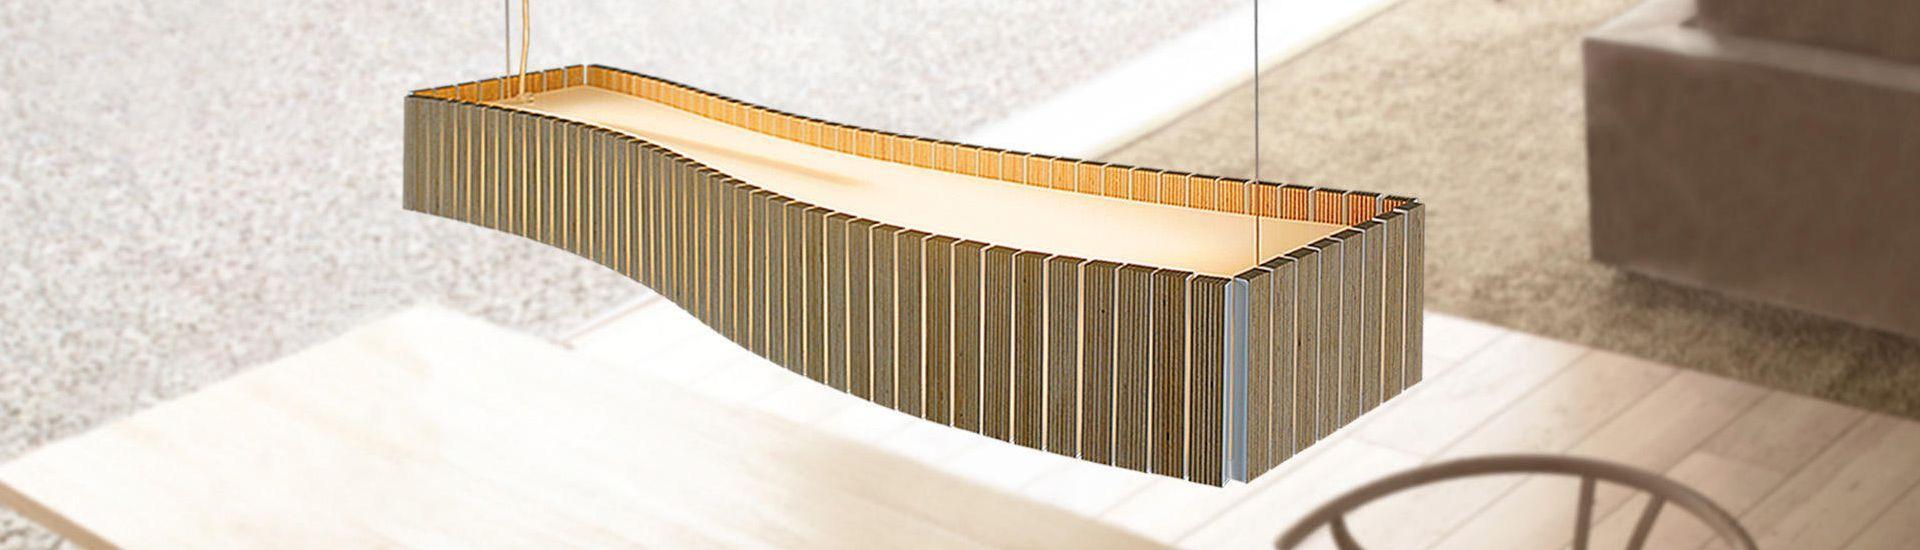 Uxi Lámpara Colgante 2x39W tablero marino